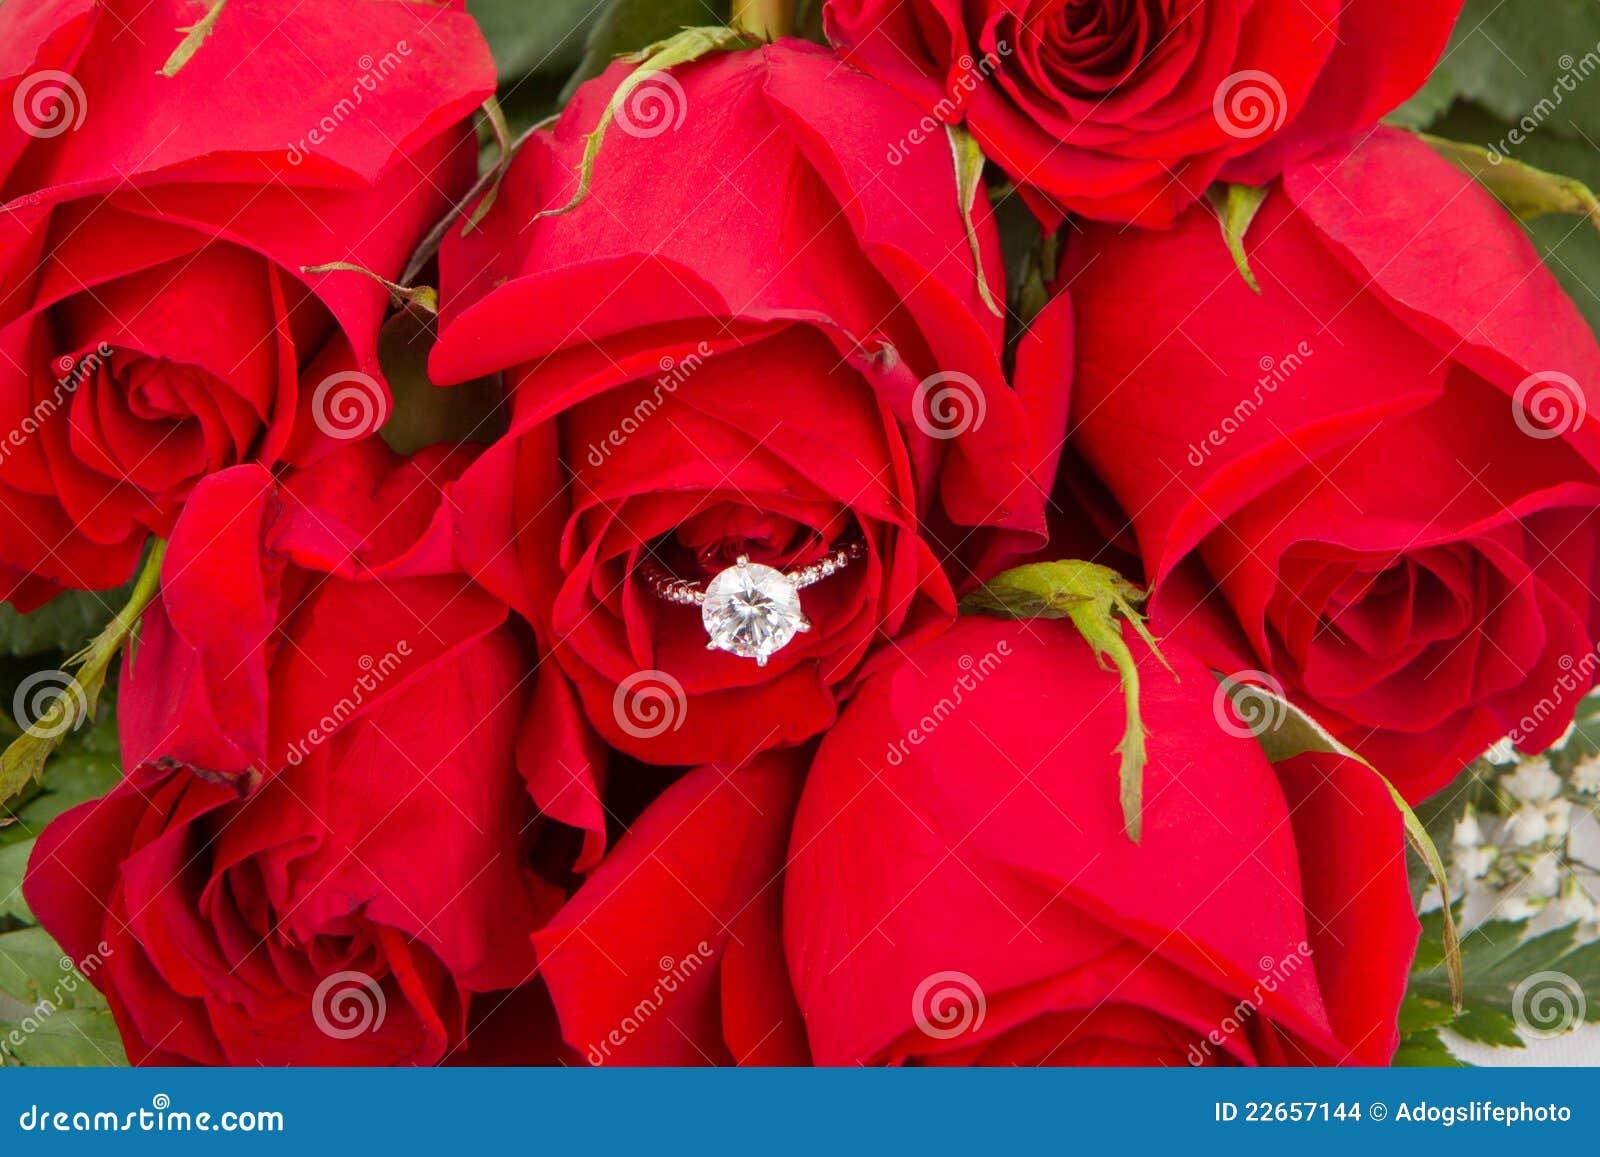 Roses Avec La Bague Stock De Des Photo Rouges Fiançailles Bouquet Yb7ygfI6v